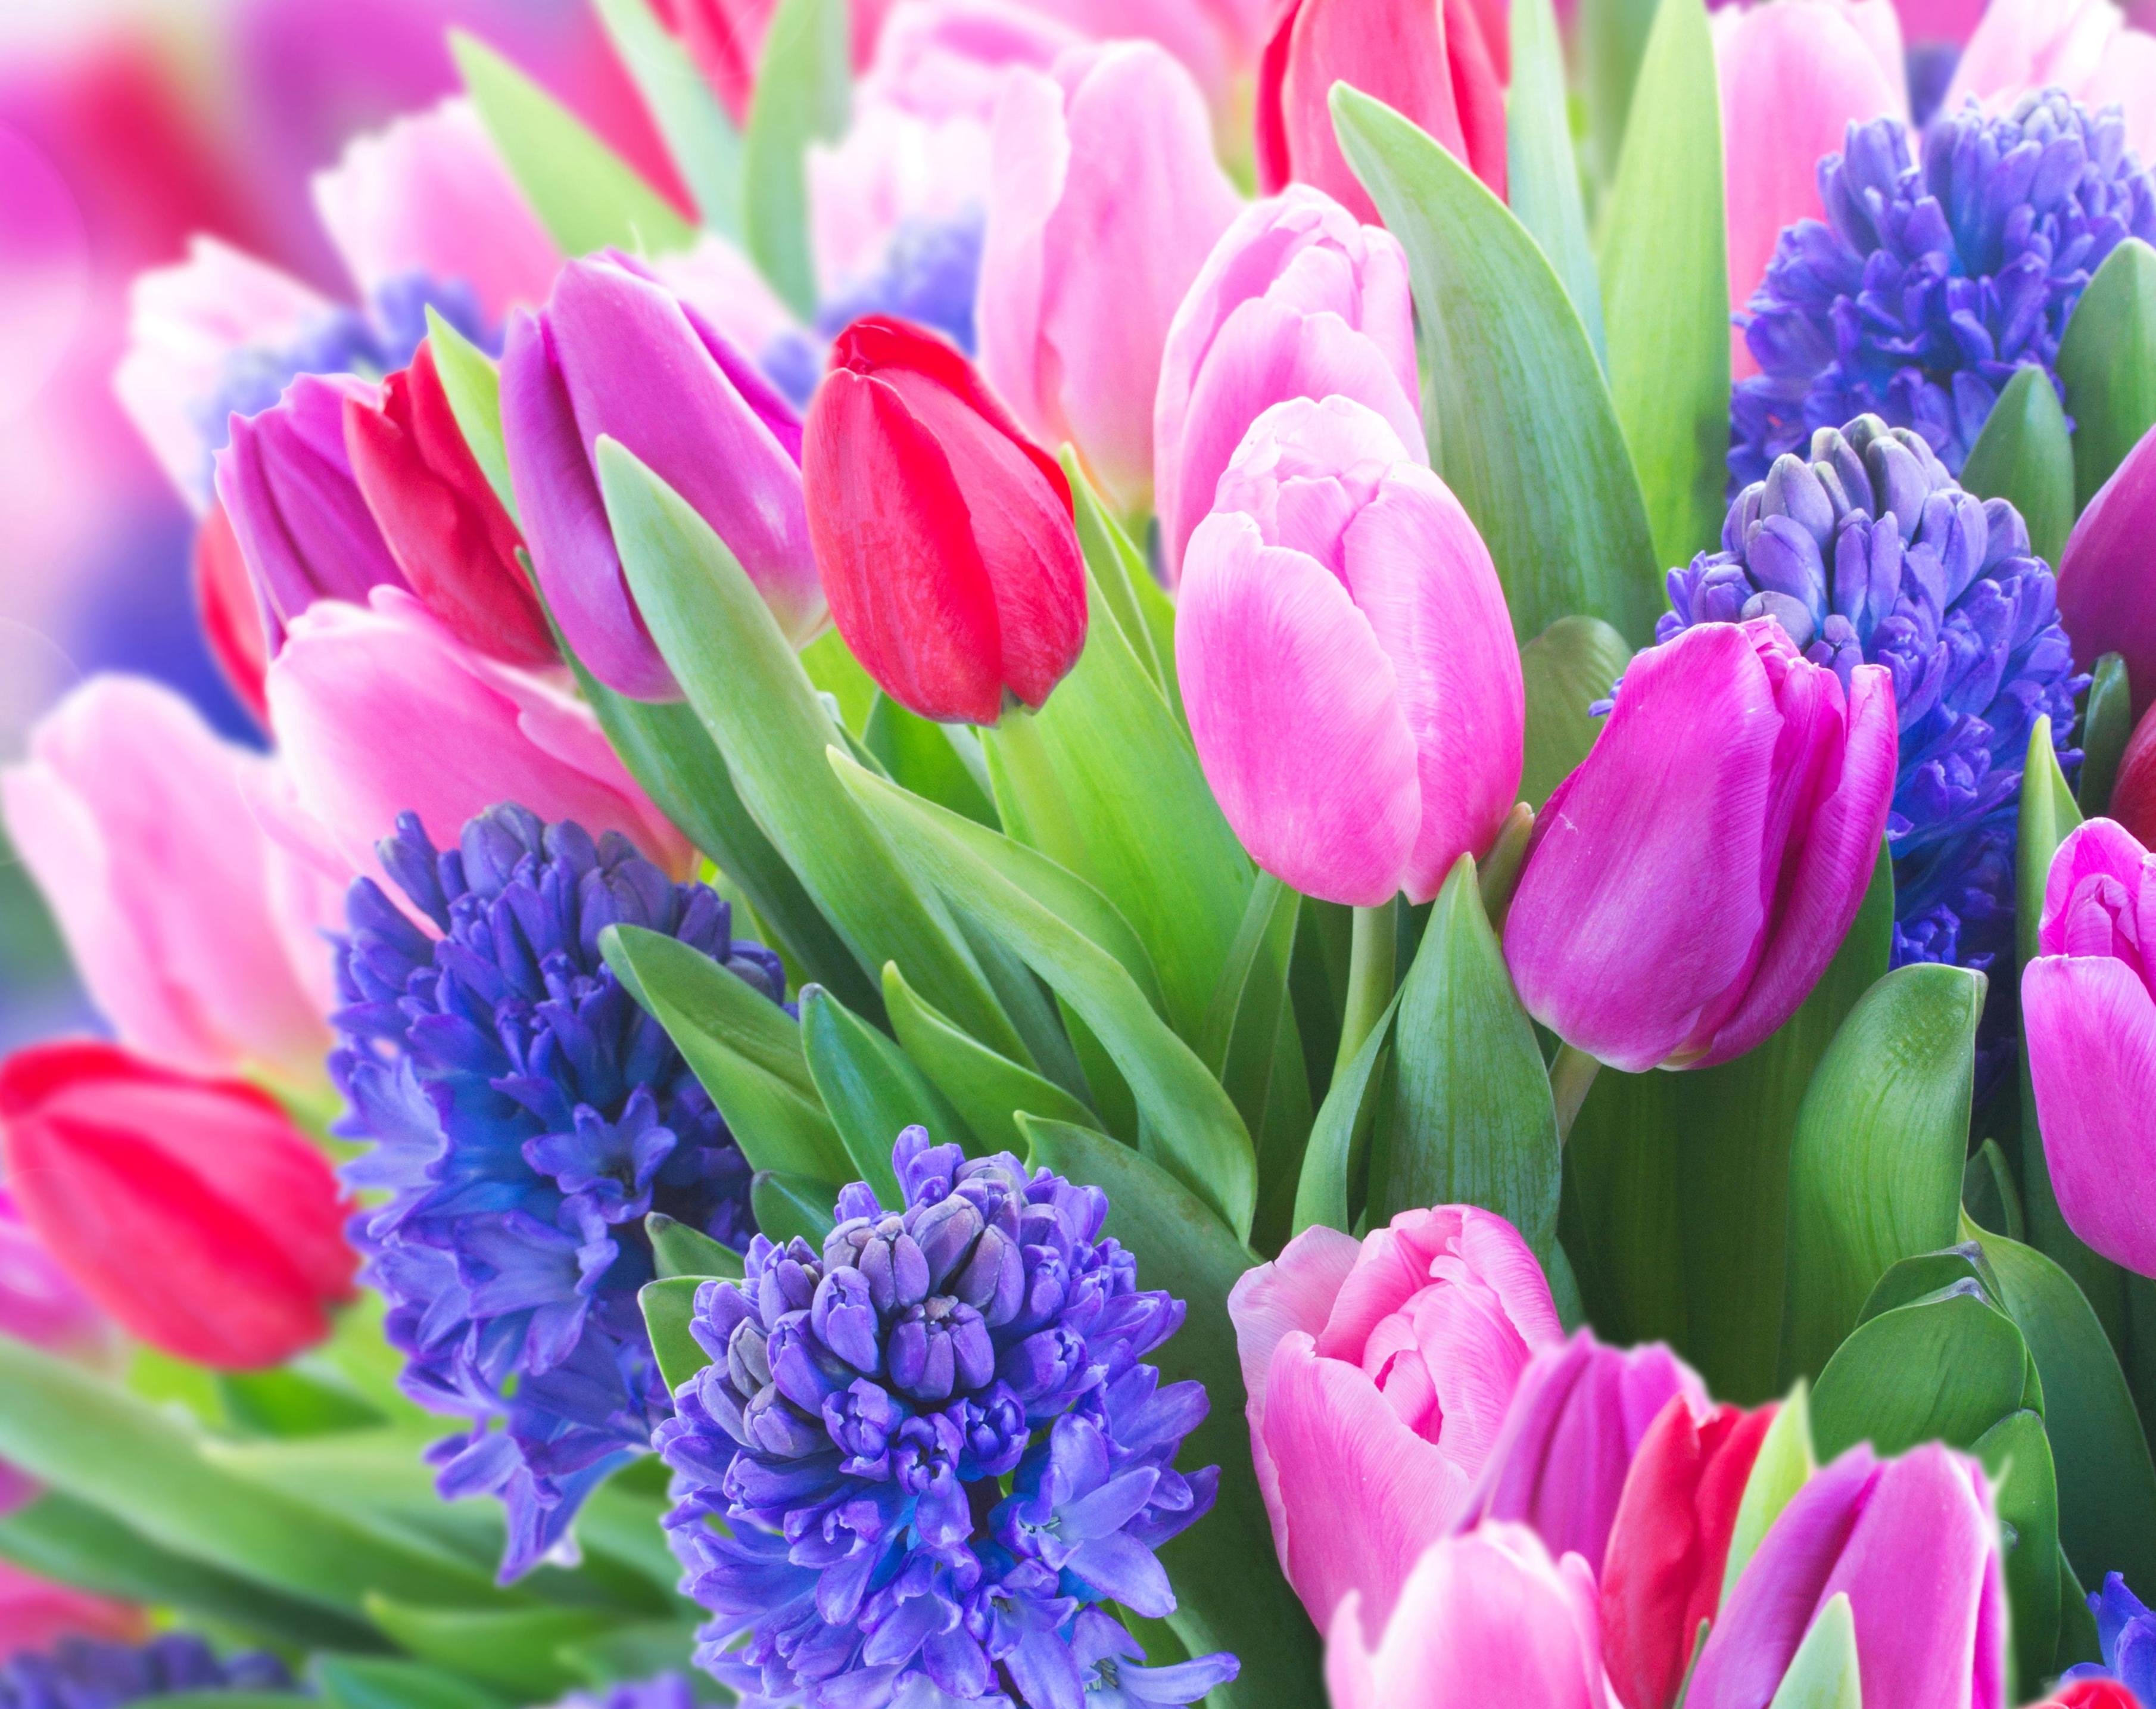 tulip-photo-2